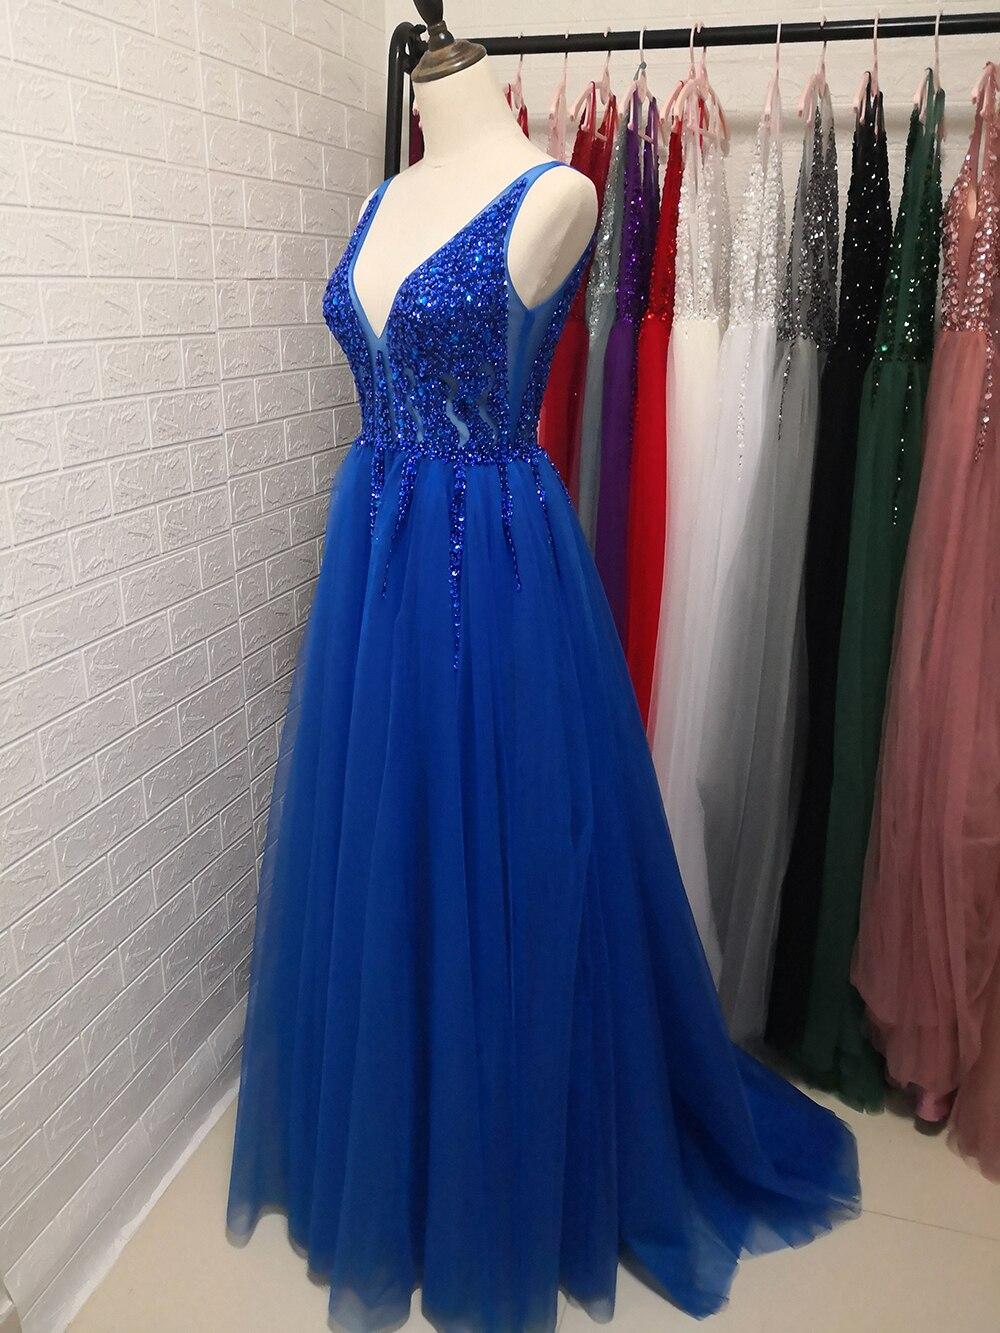 Сексуальное длинное вечернее платье с глубоким v-образным вырезом и разрезом сбоку, Новое поступление года, блестящее платье с высоким разрезом и открытой спиной, Abendkleider Lang - Цвет: royal blue